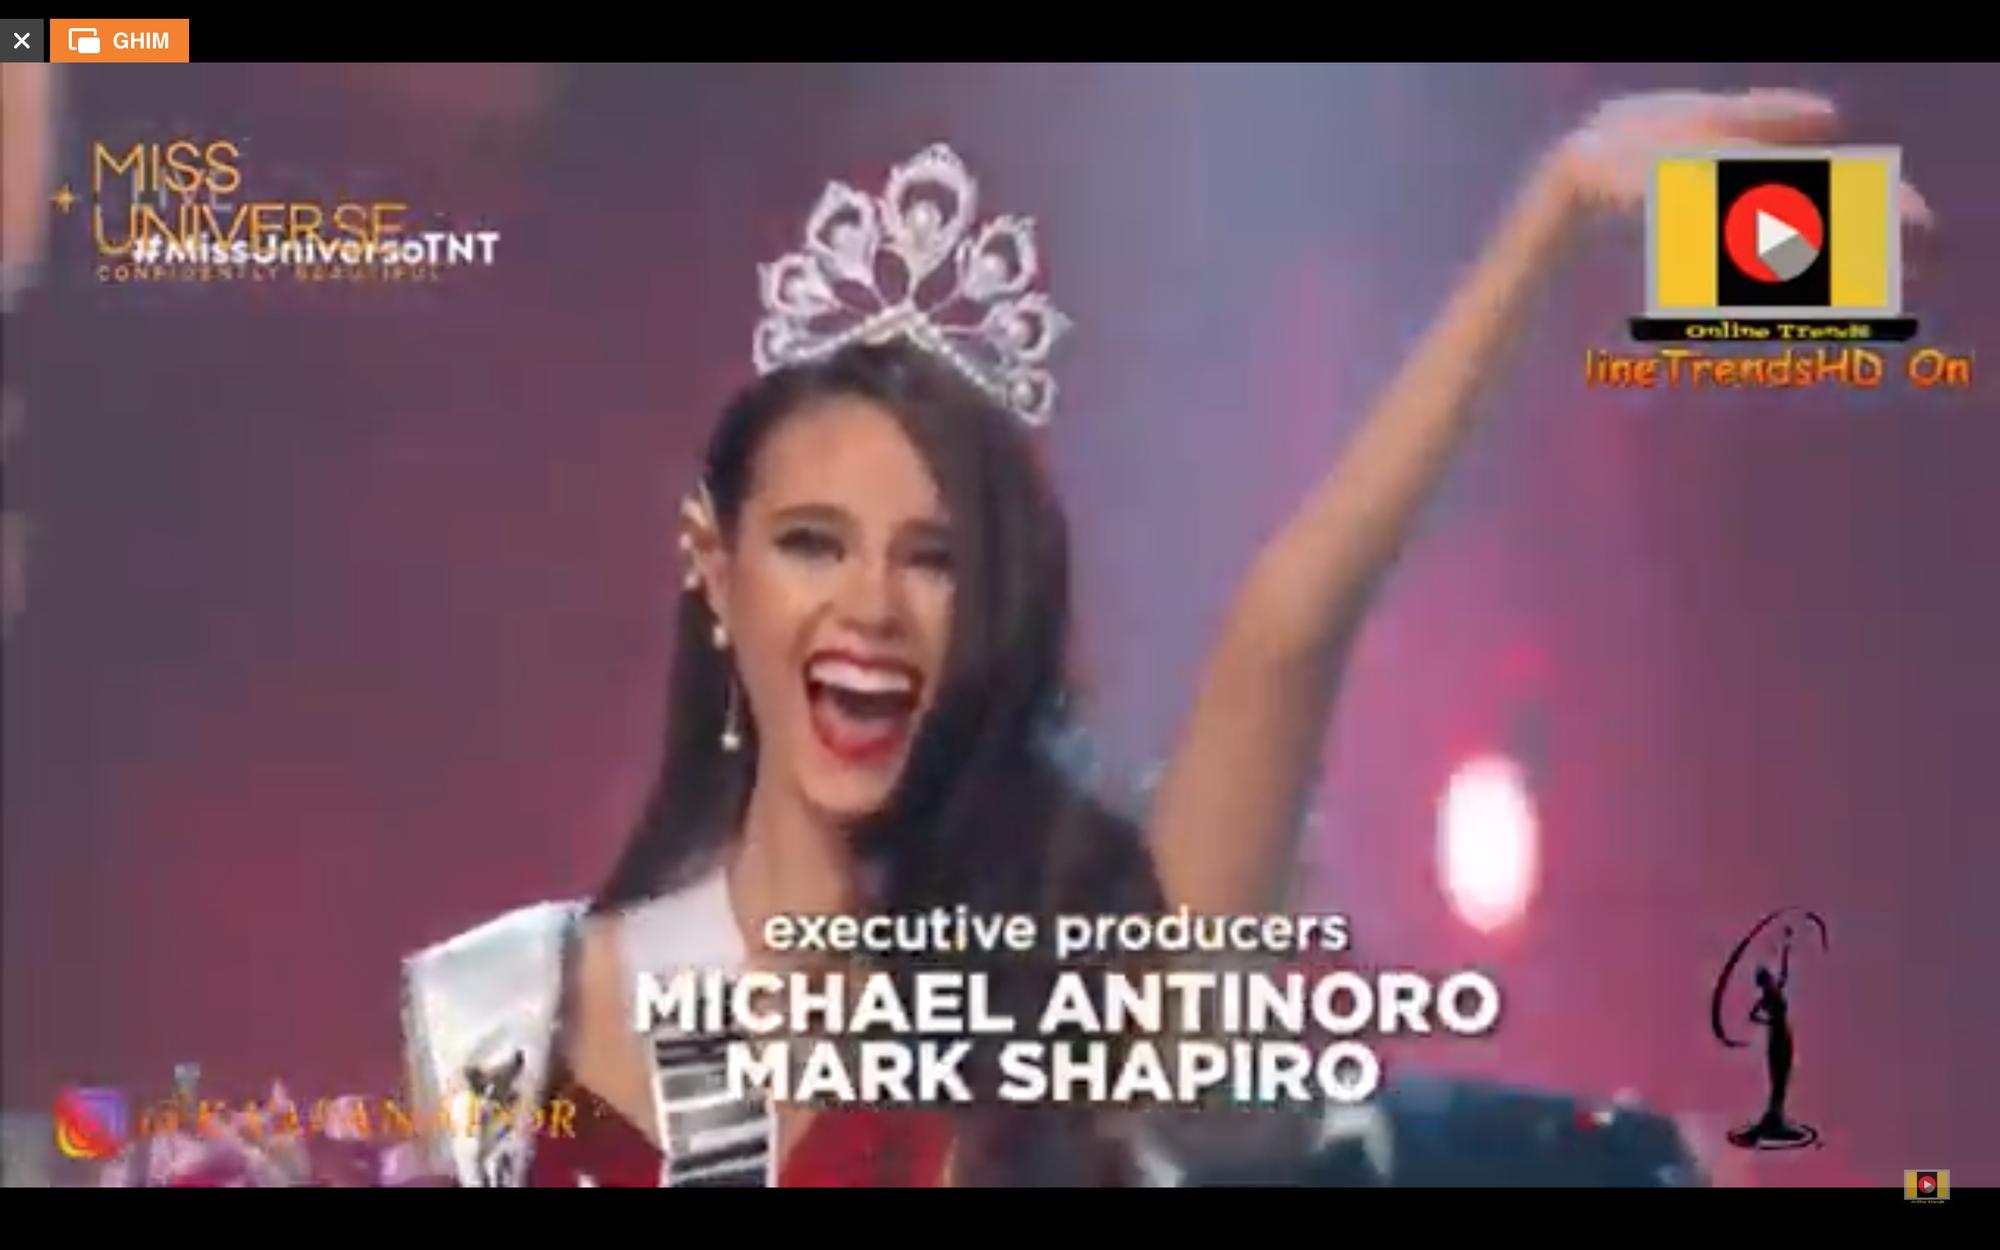 Hoa hậu Philippines Catriona Gray đăng quang Miss Universe 2018 - Ảnh 2.